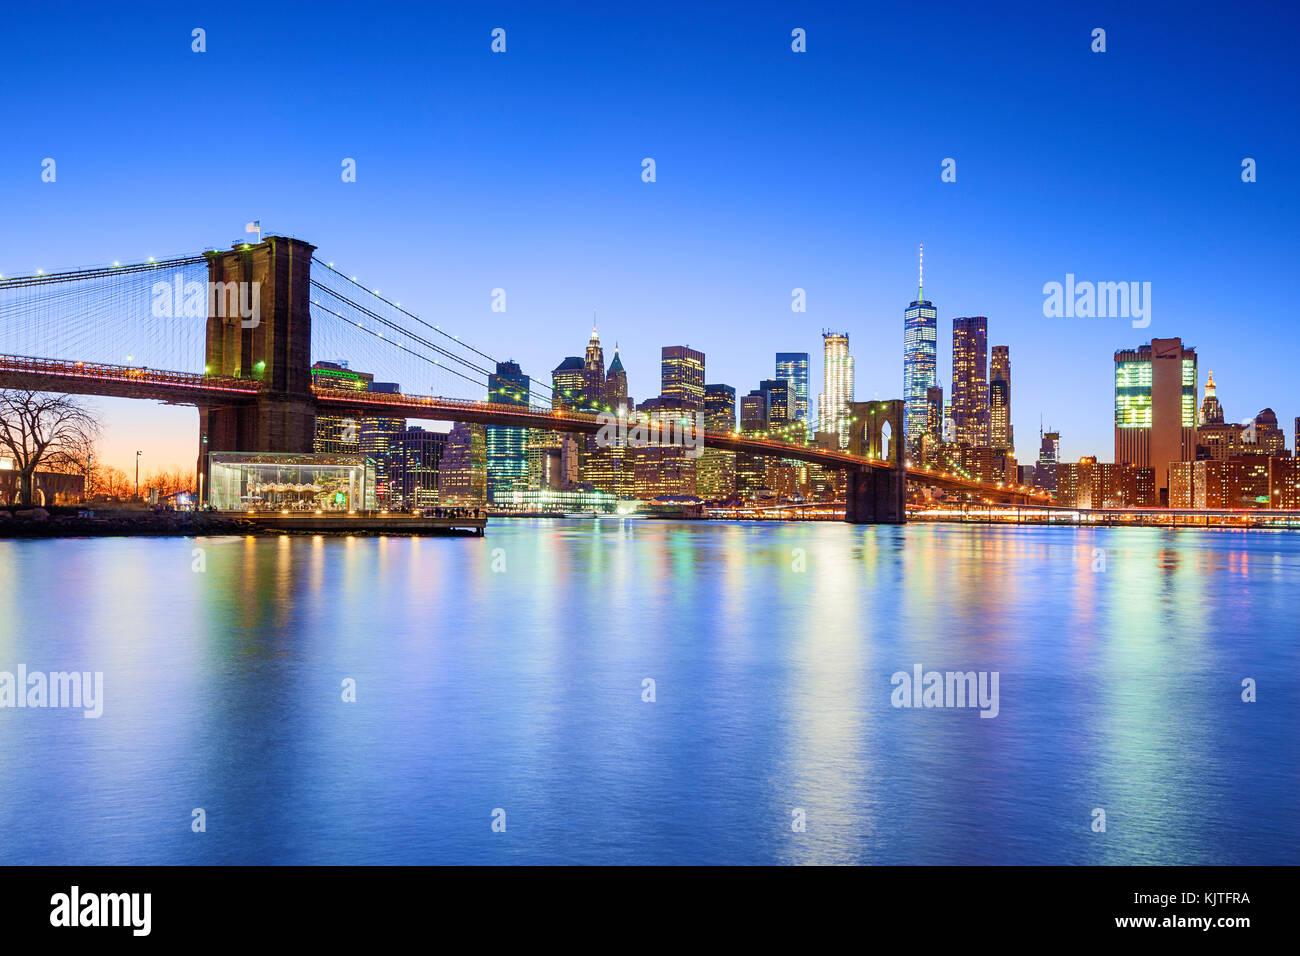 New York Skyline New York City Lower Manhattan Stock Photo